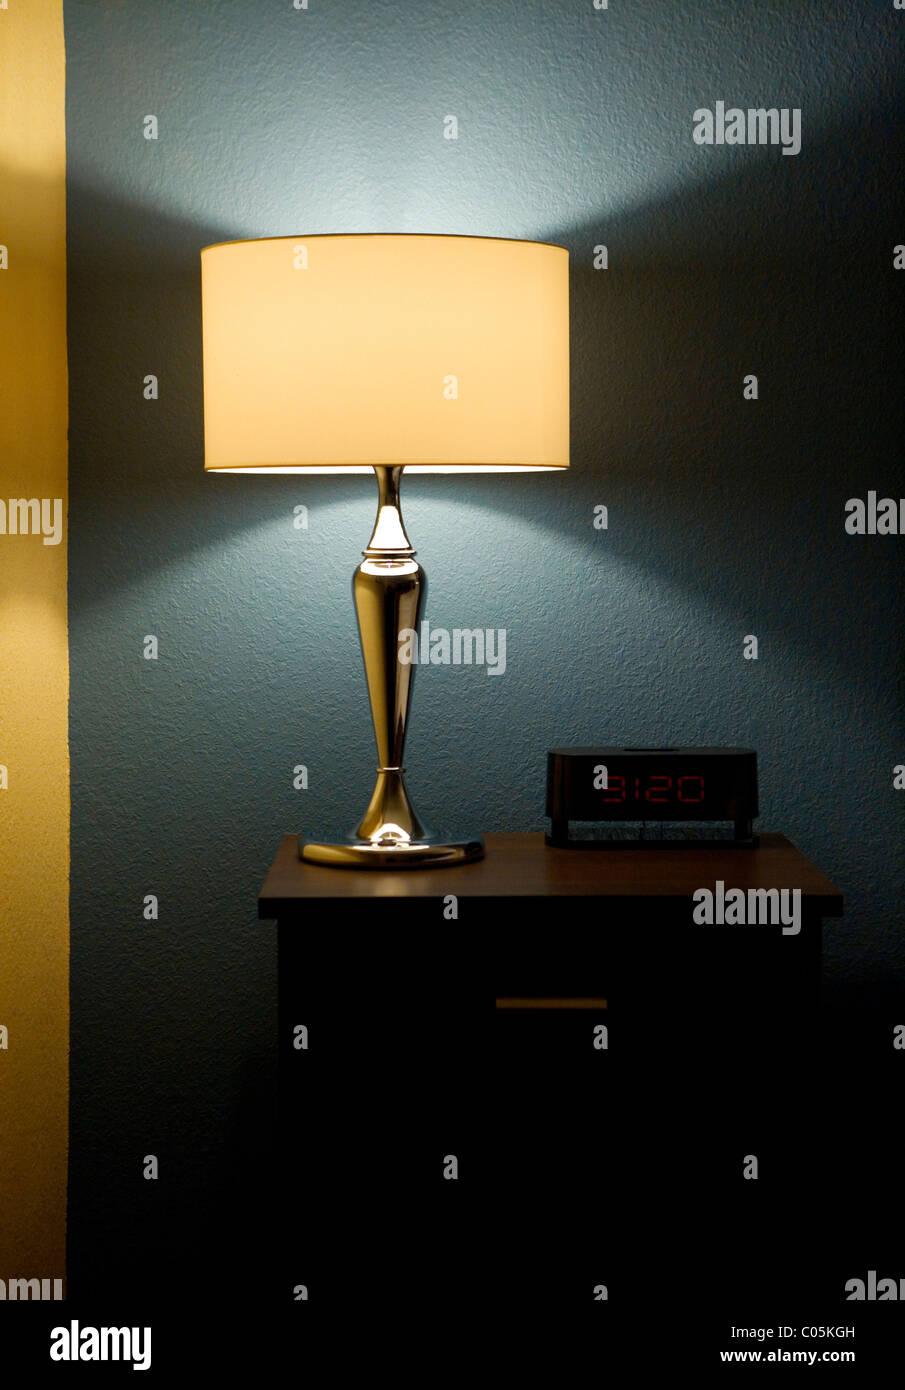 Lampe, Digitaluhr und Beistelltisch neben einem Bett. Stockbild